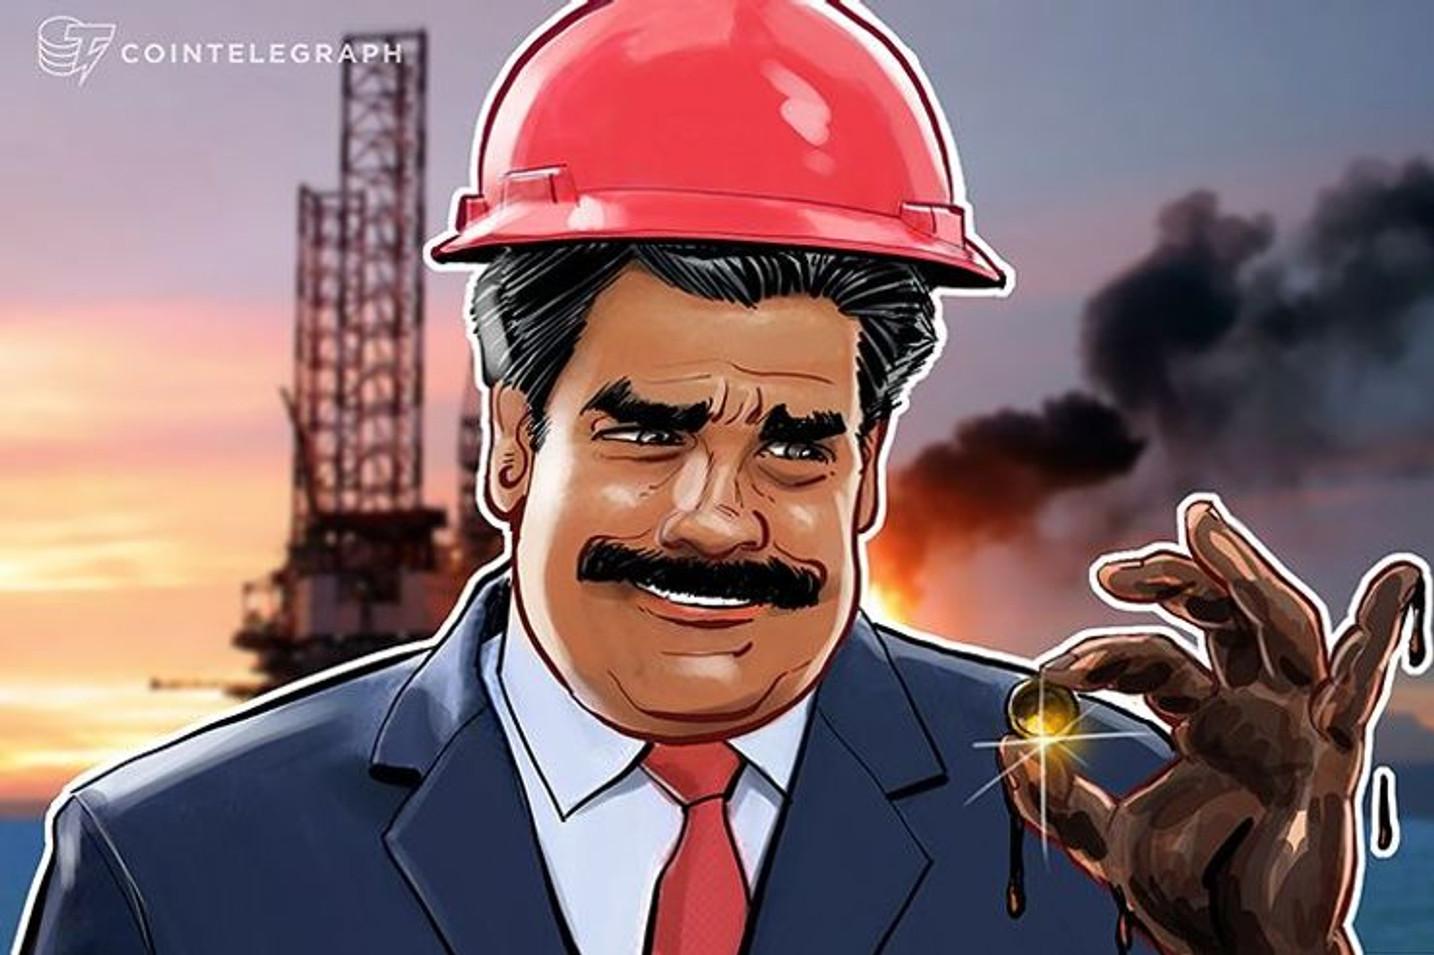 ベネズエラ、憲法改正で仮想通貨のための中央銀行設立か